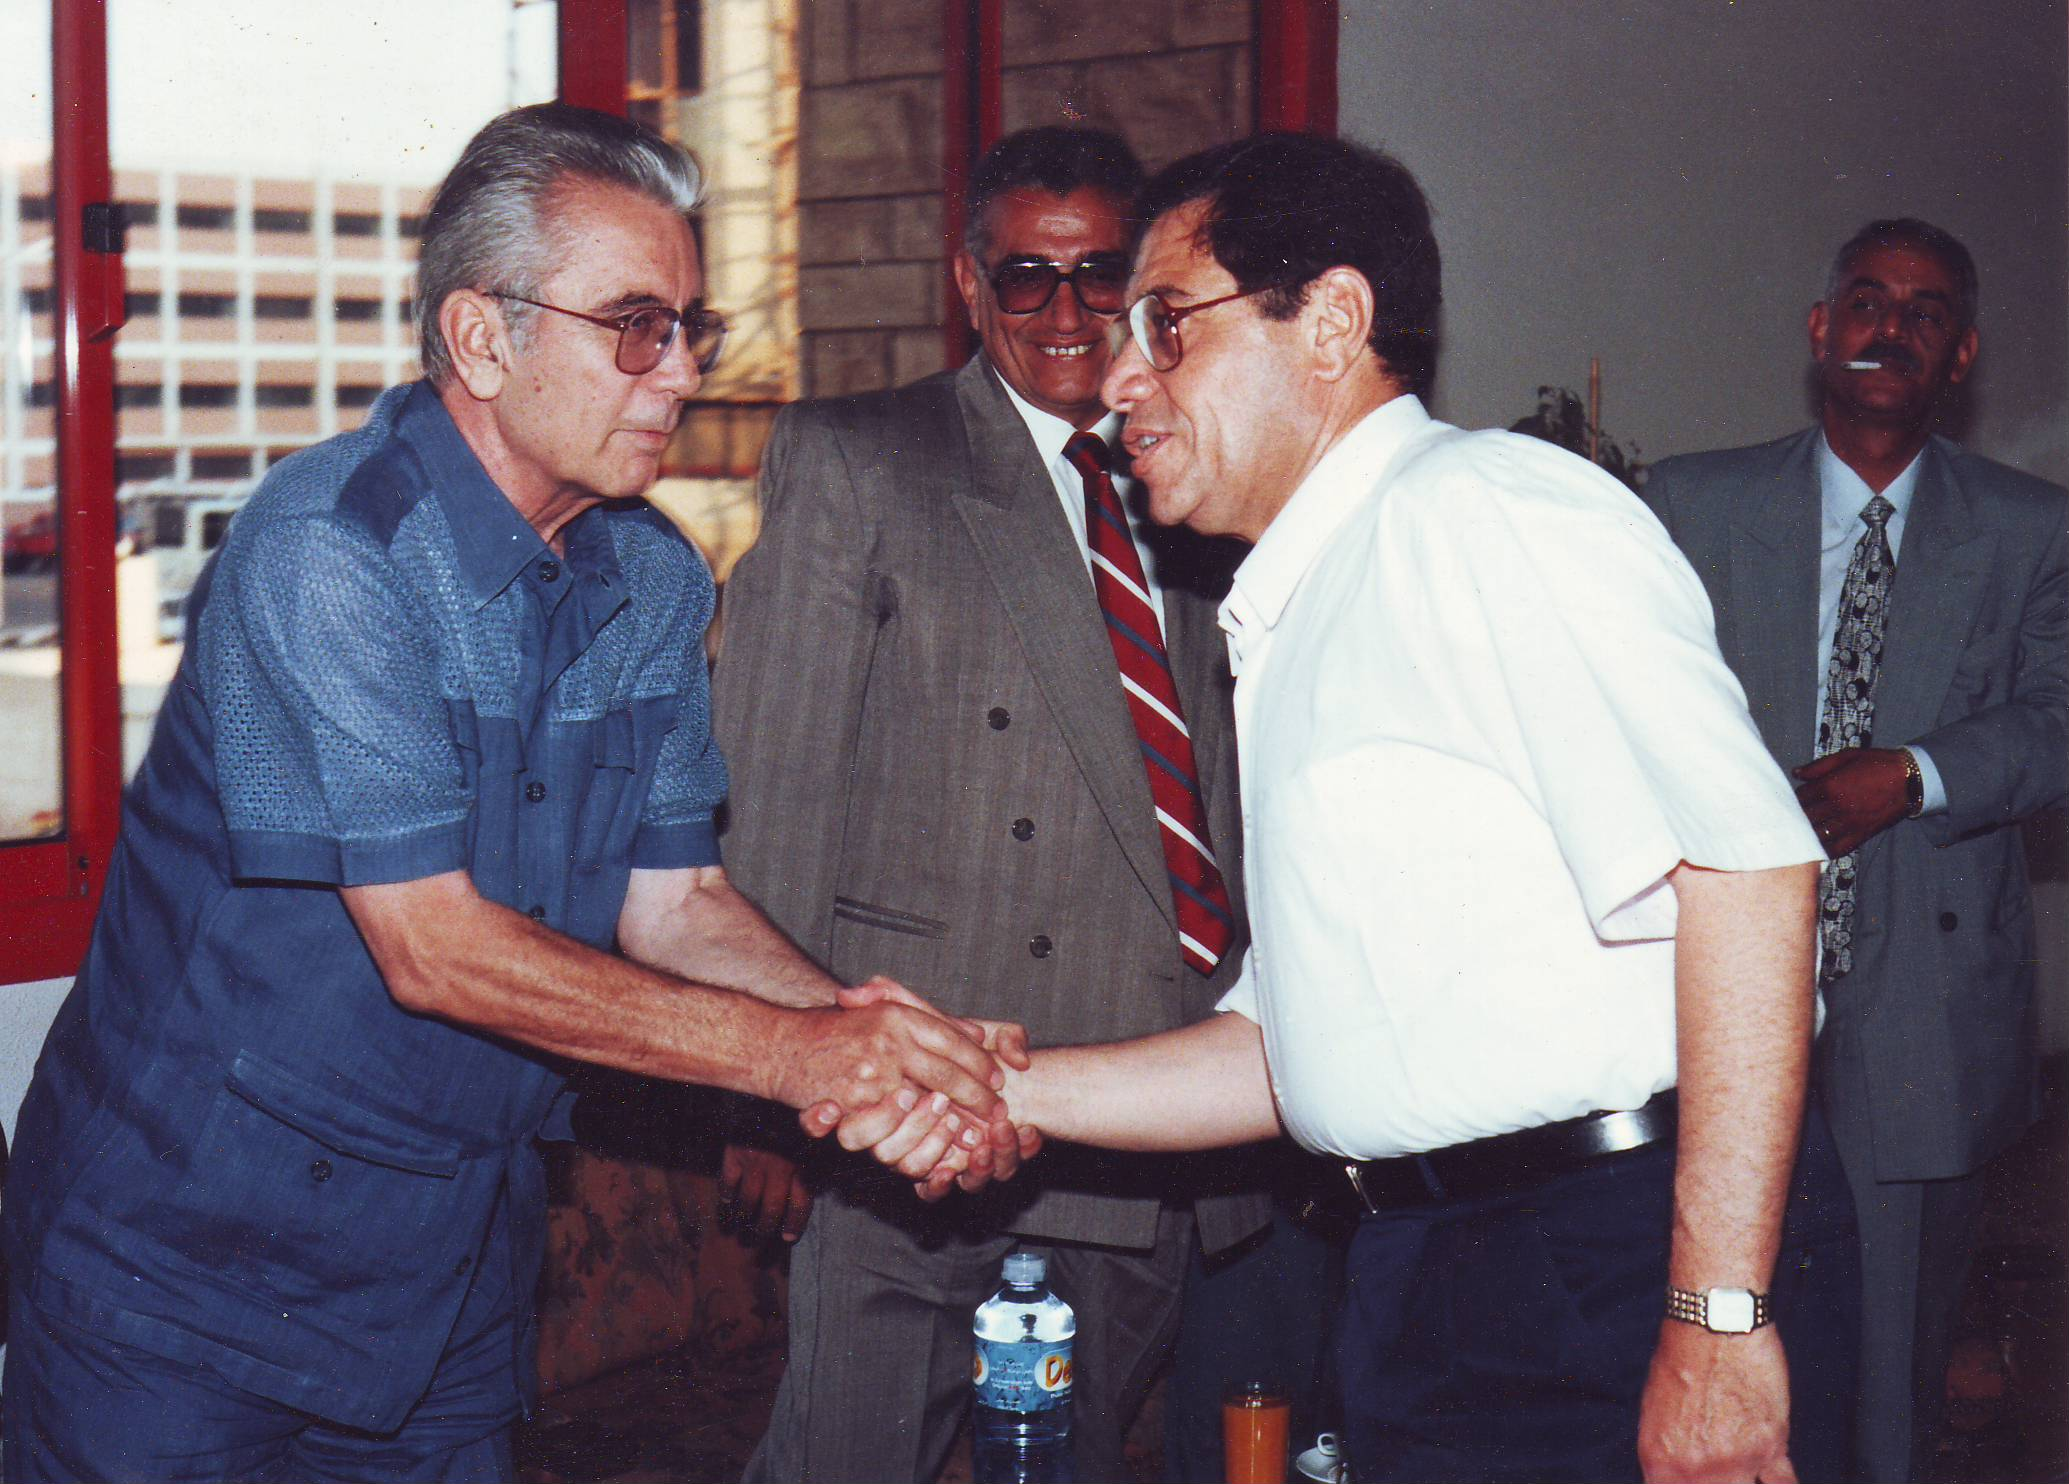 رئيس الأهلى التاريخى يصافح المستشار عبد المجيد محمود النائب العام الأسبق